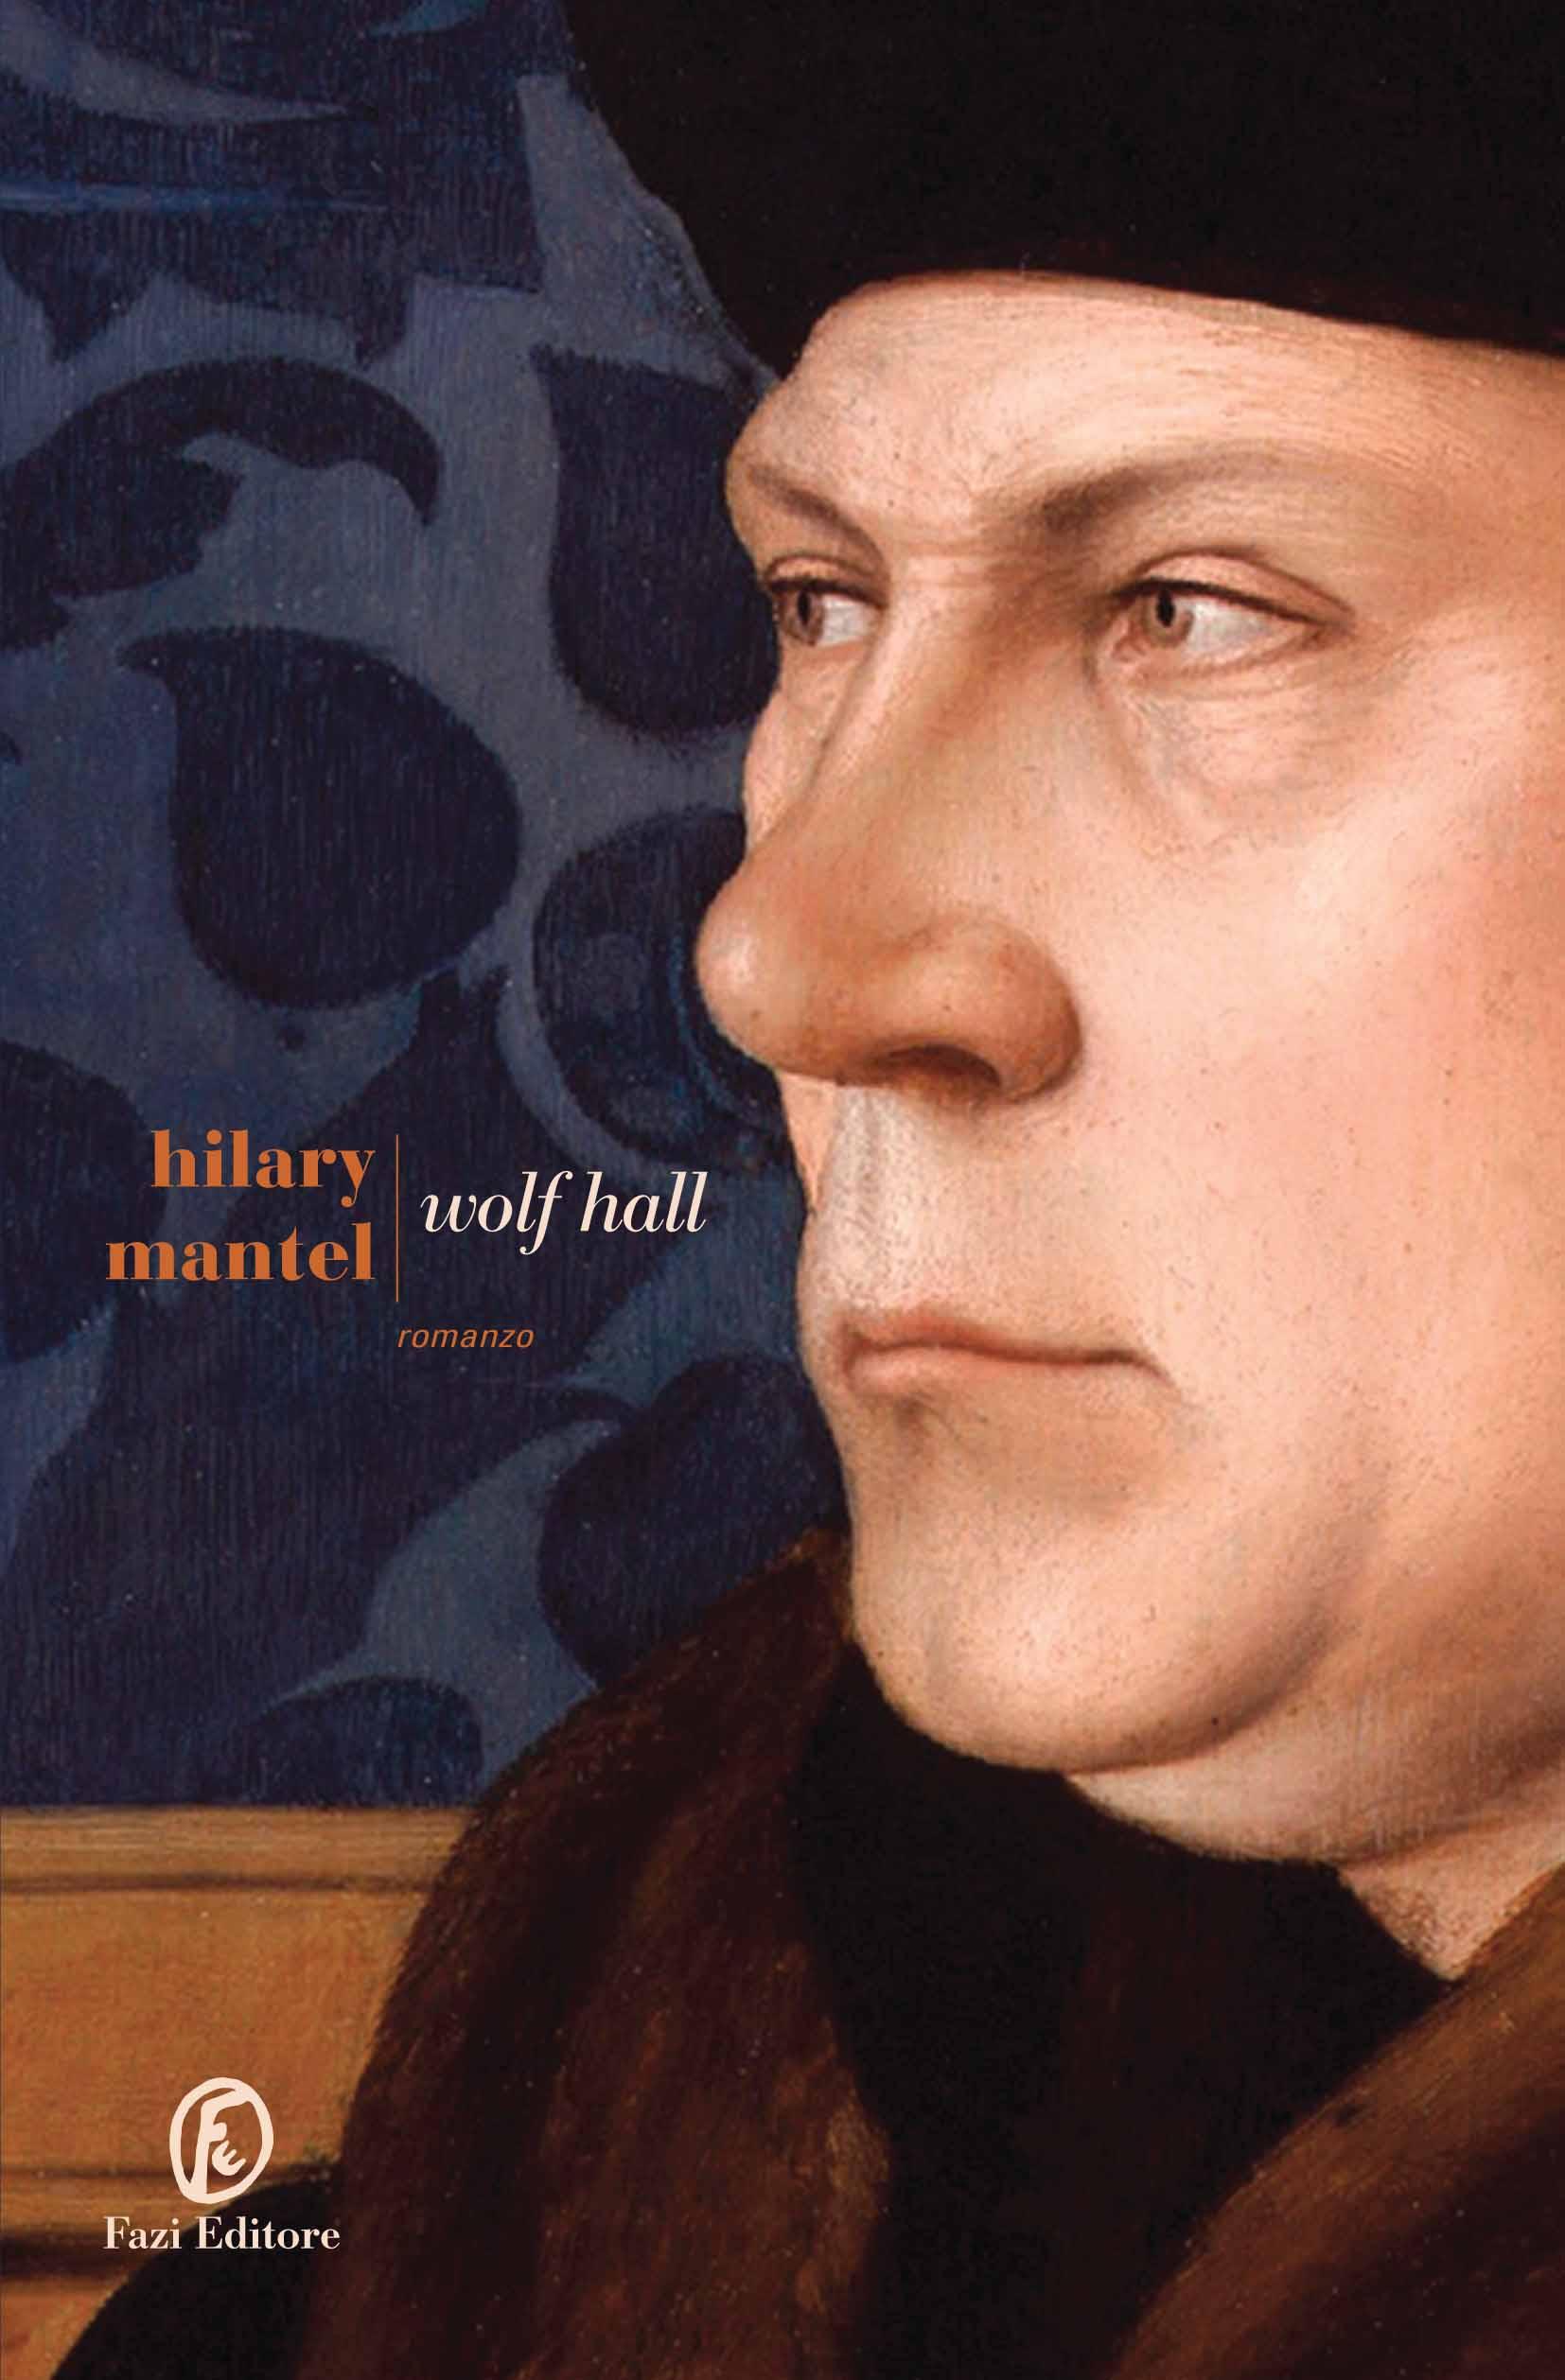 Hilary Mantel, Wolf Hall, Fazi Editore